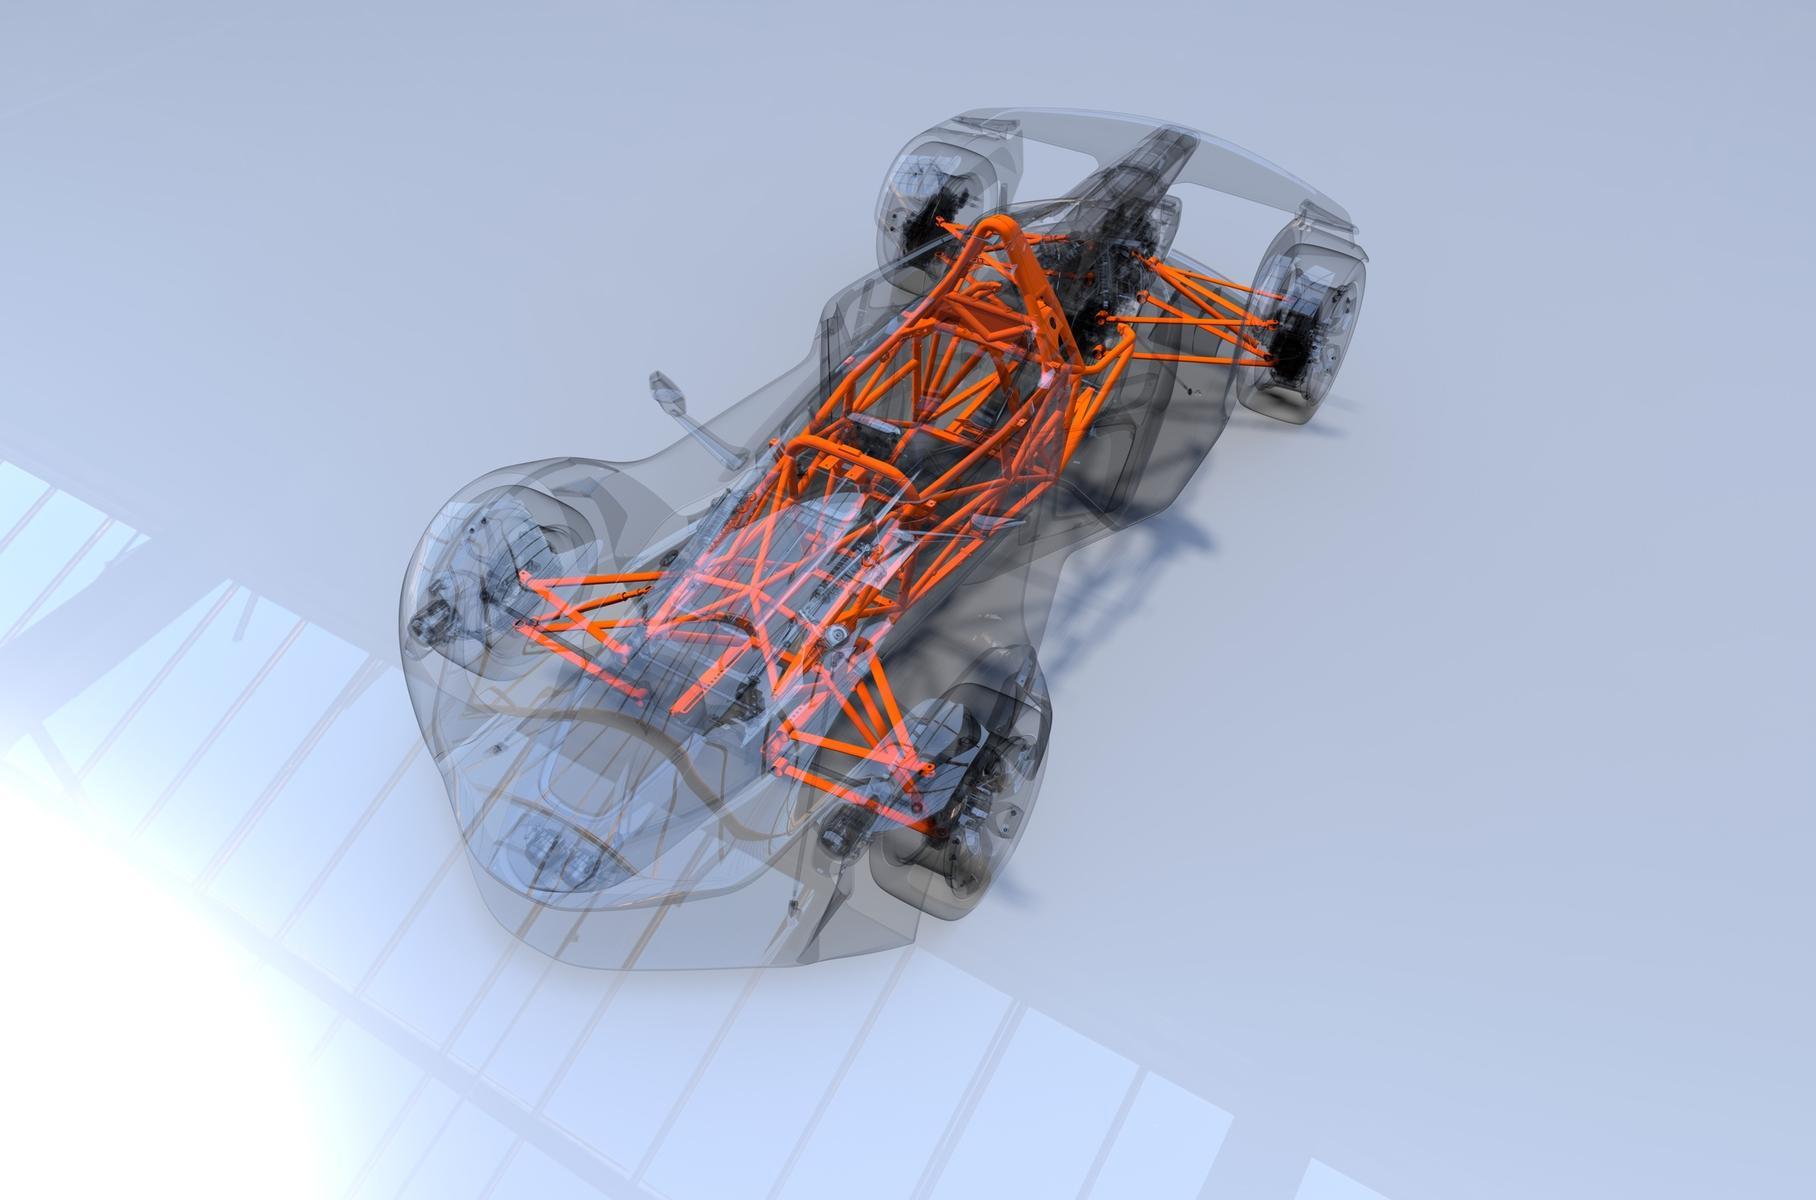 Недавно полученный правительственный грант позволит автопроизводителю BAC протестировать в конструкции авто экспериментальный сплав на основе ниобия. Прототипом выступит трек-кар Mono.